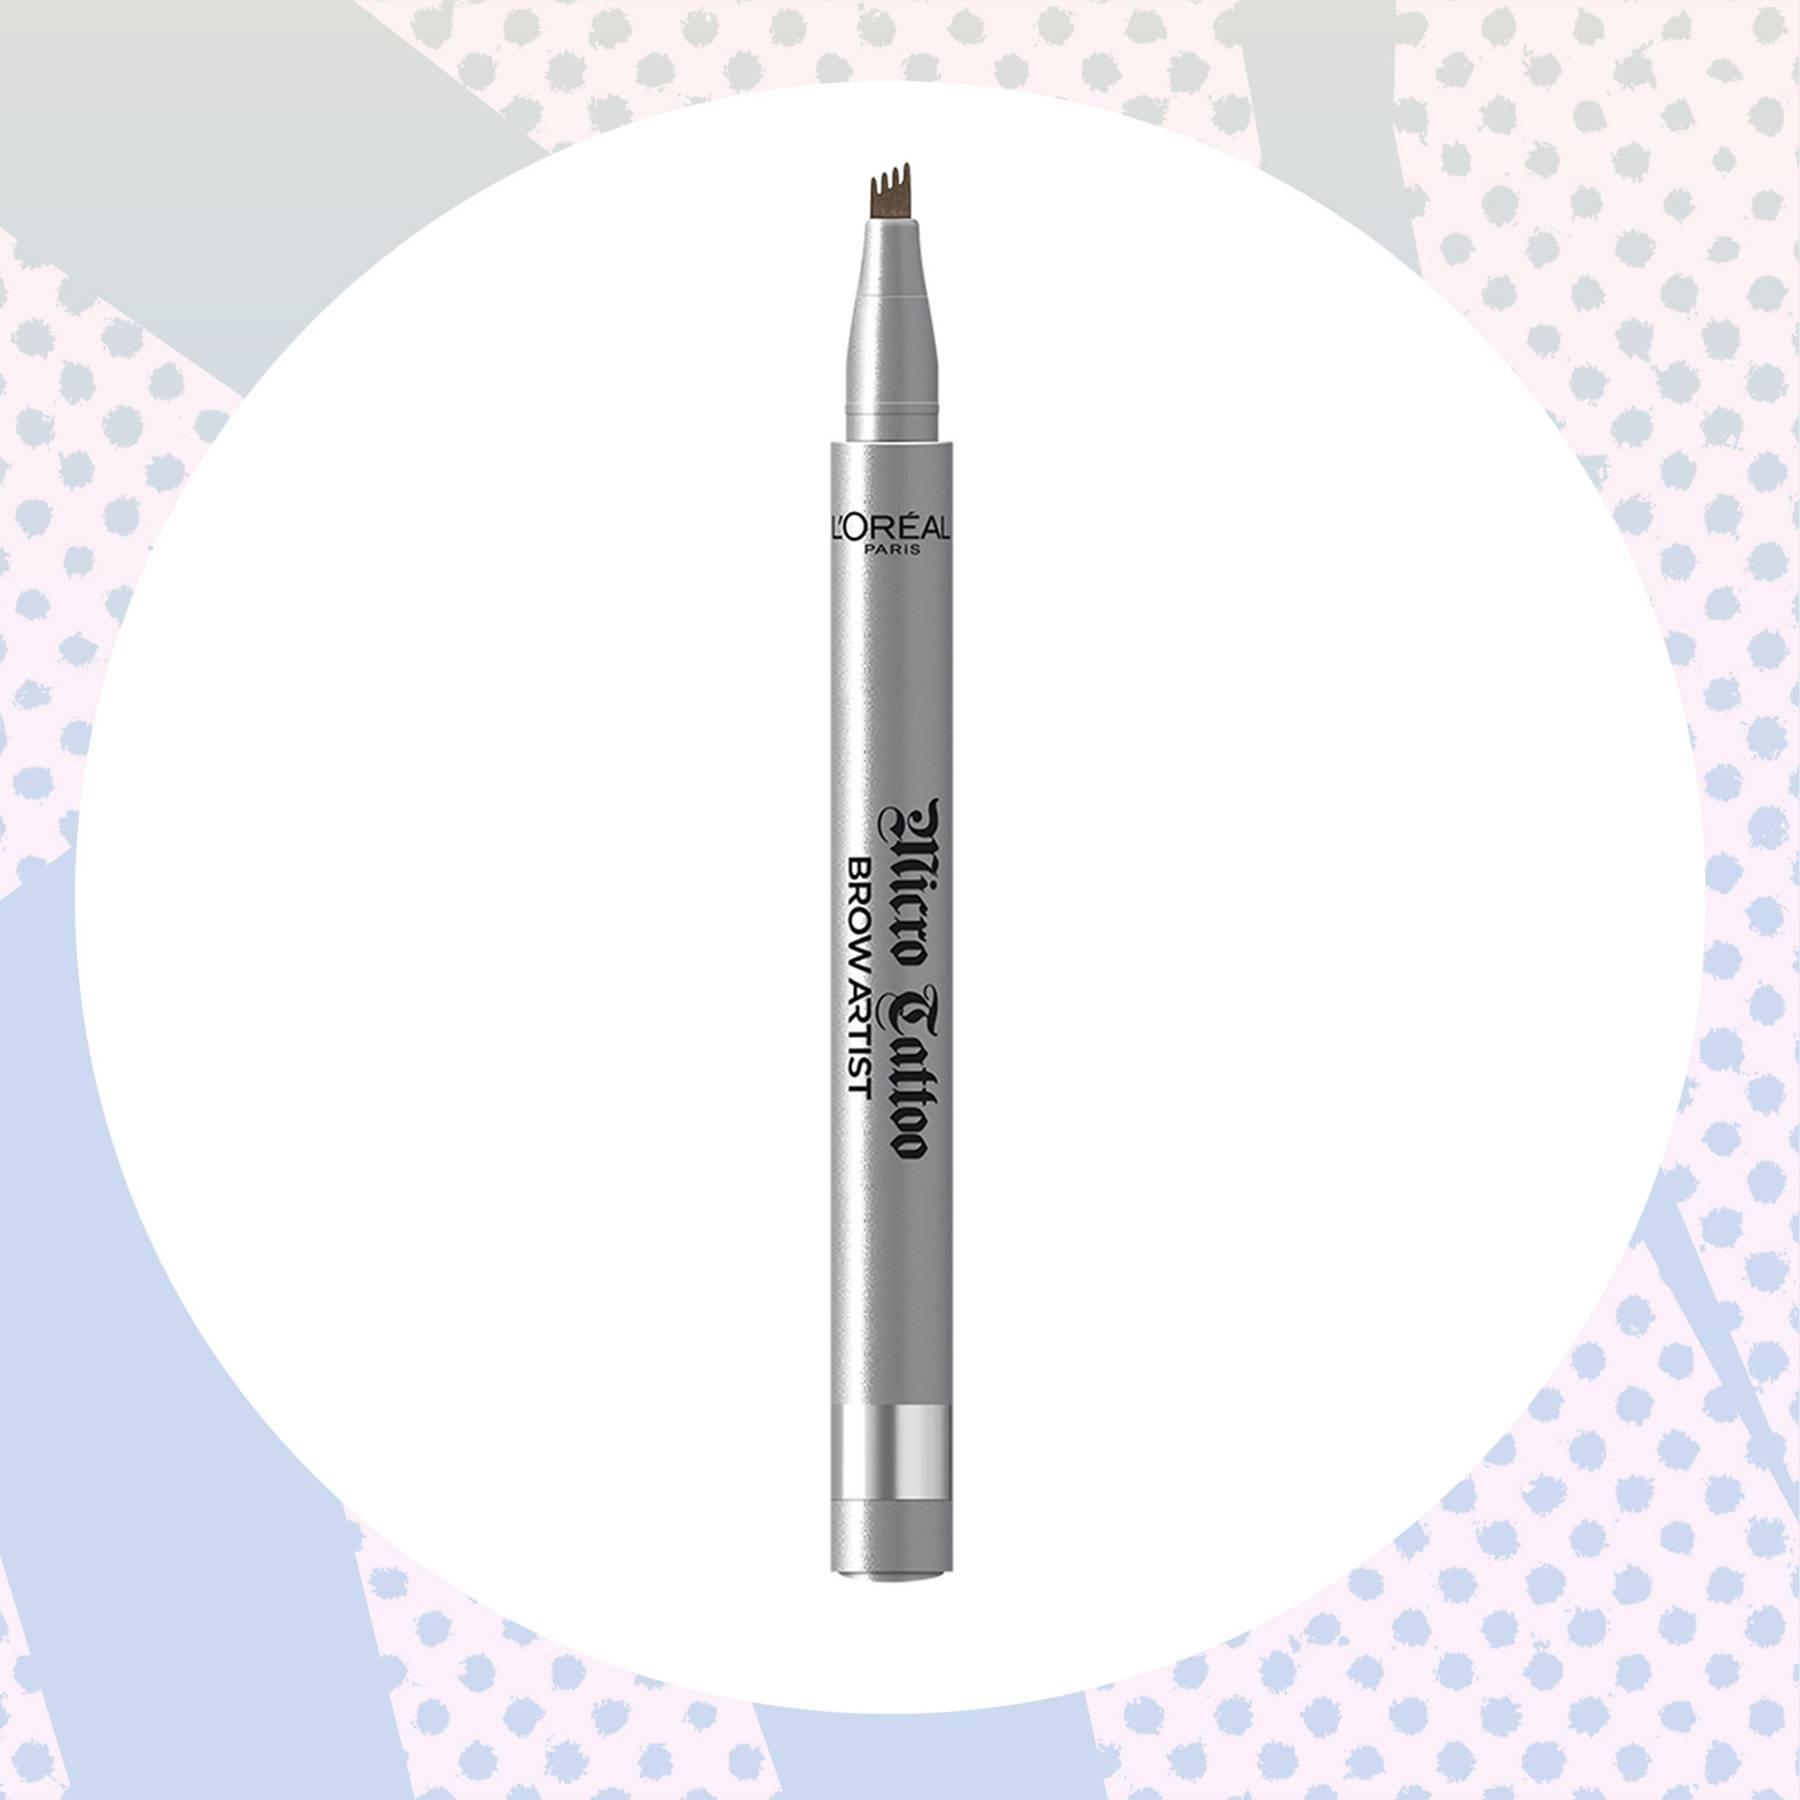 Mircoblading Pen Review: L'Oréal Paris Brow Artist Micro